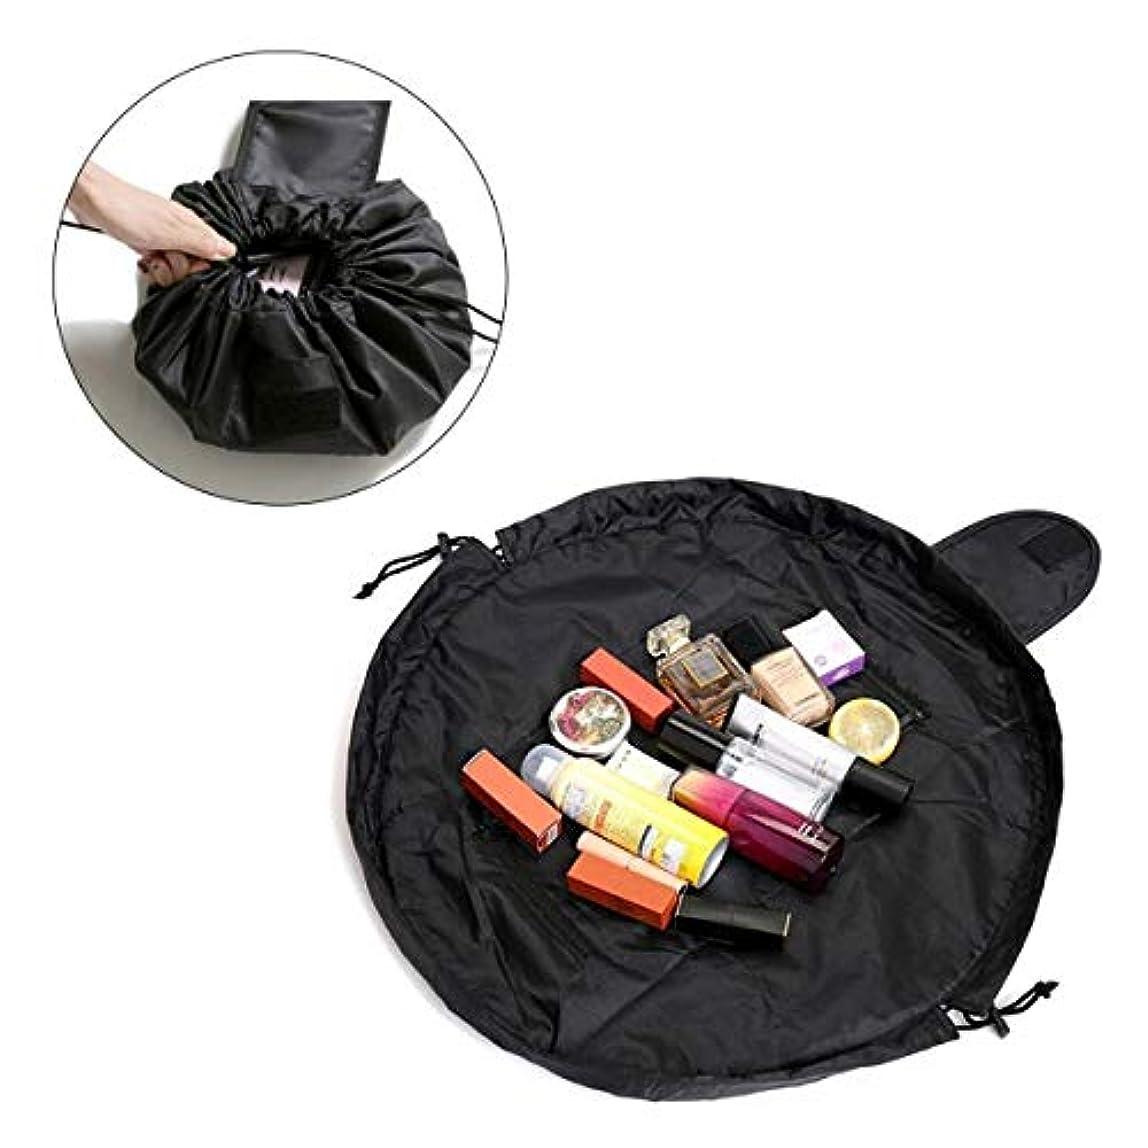 申し込む交渉するホットPichidr-JP 速い化粧袋旅行浴室のための携帯用多機能の防水ビロードの円形の化粧品袋、黒